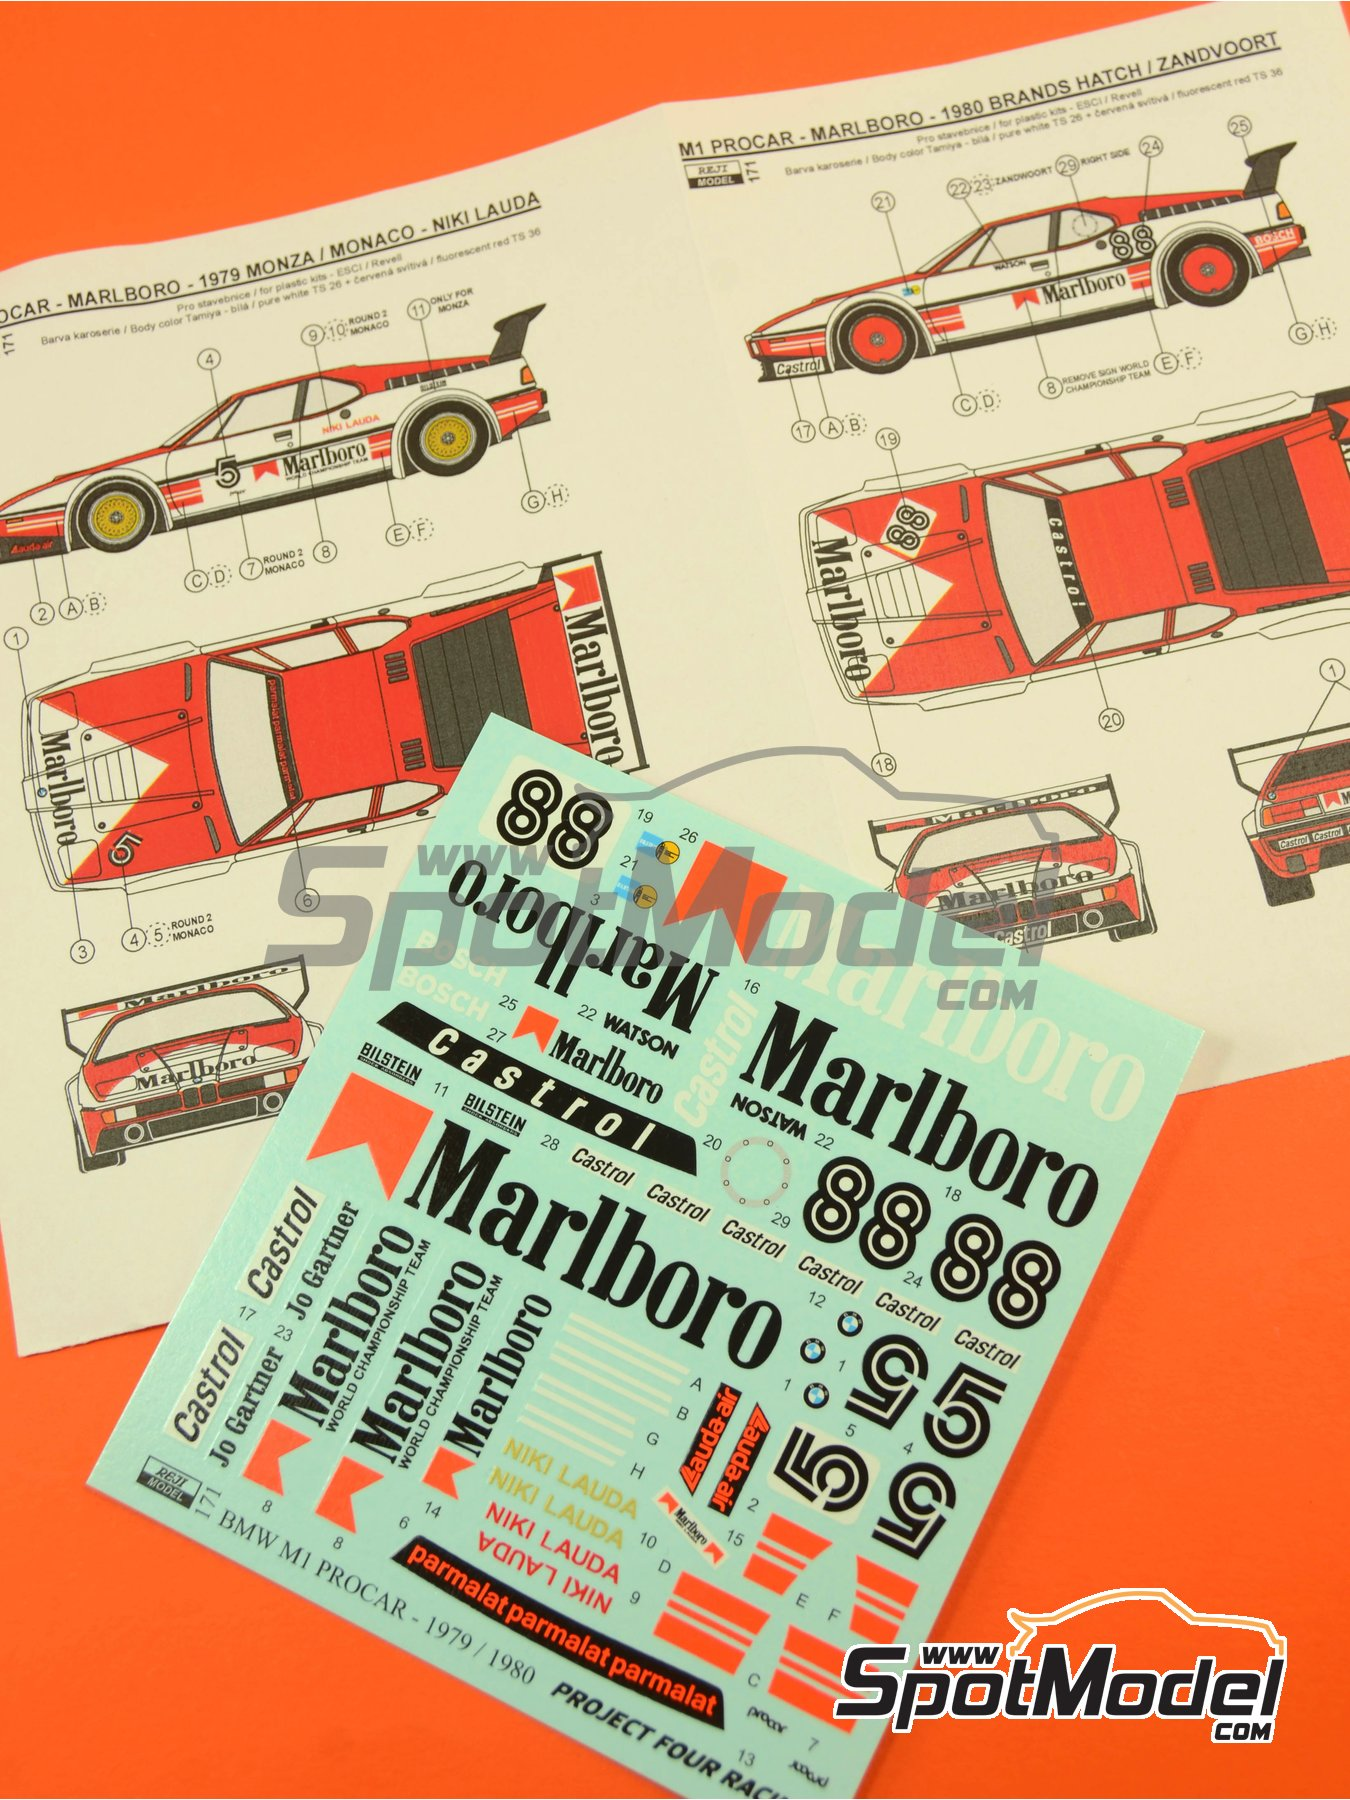 BMW M1 Grupo A Marlboro Procar - 1000 kilómetros de Brands Hatch, Gran Premio de Formula 1 de Mónaco 1980 | Decoración en escala1/24 fabricado por Reji Model (ref.REJI-171) image